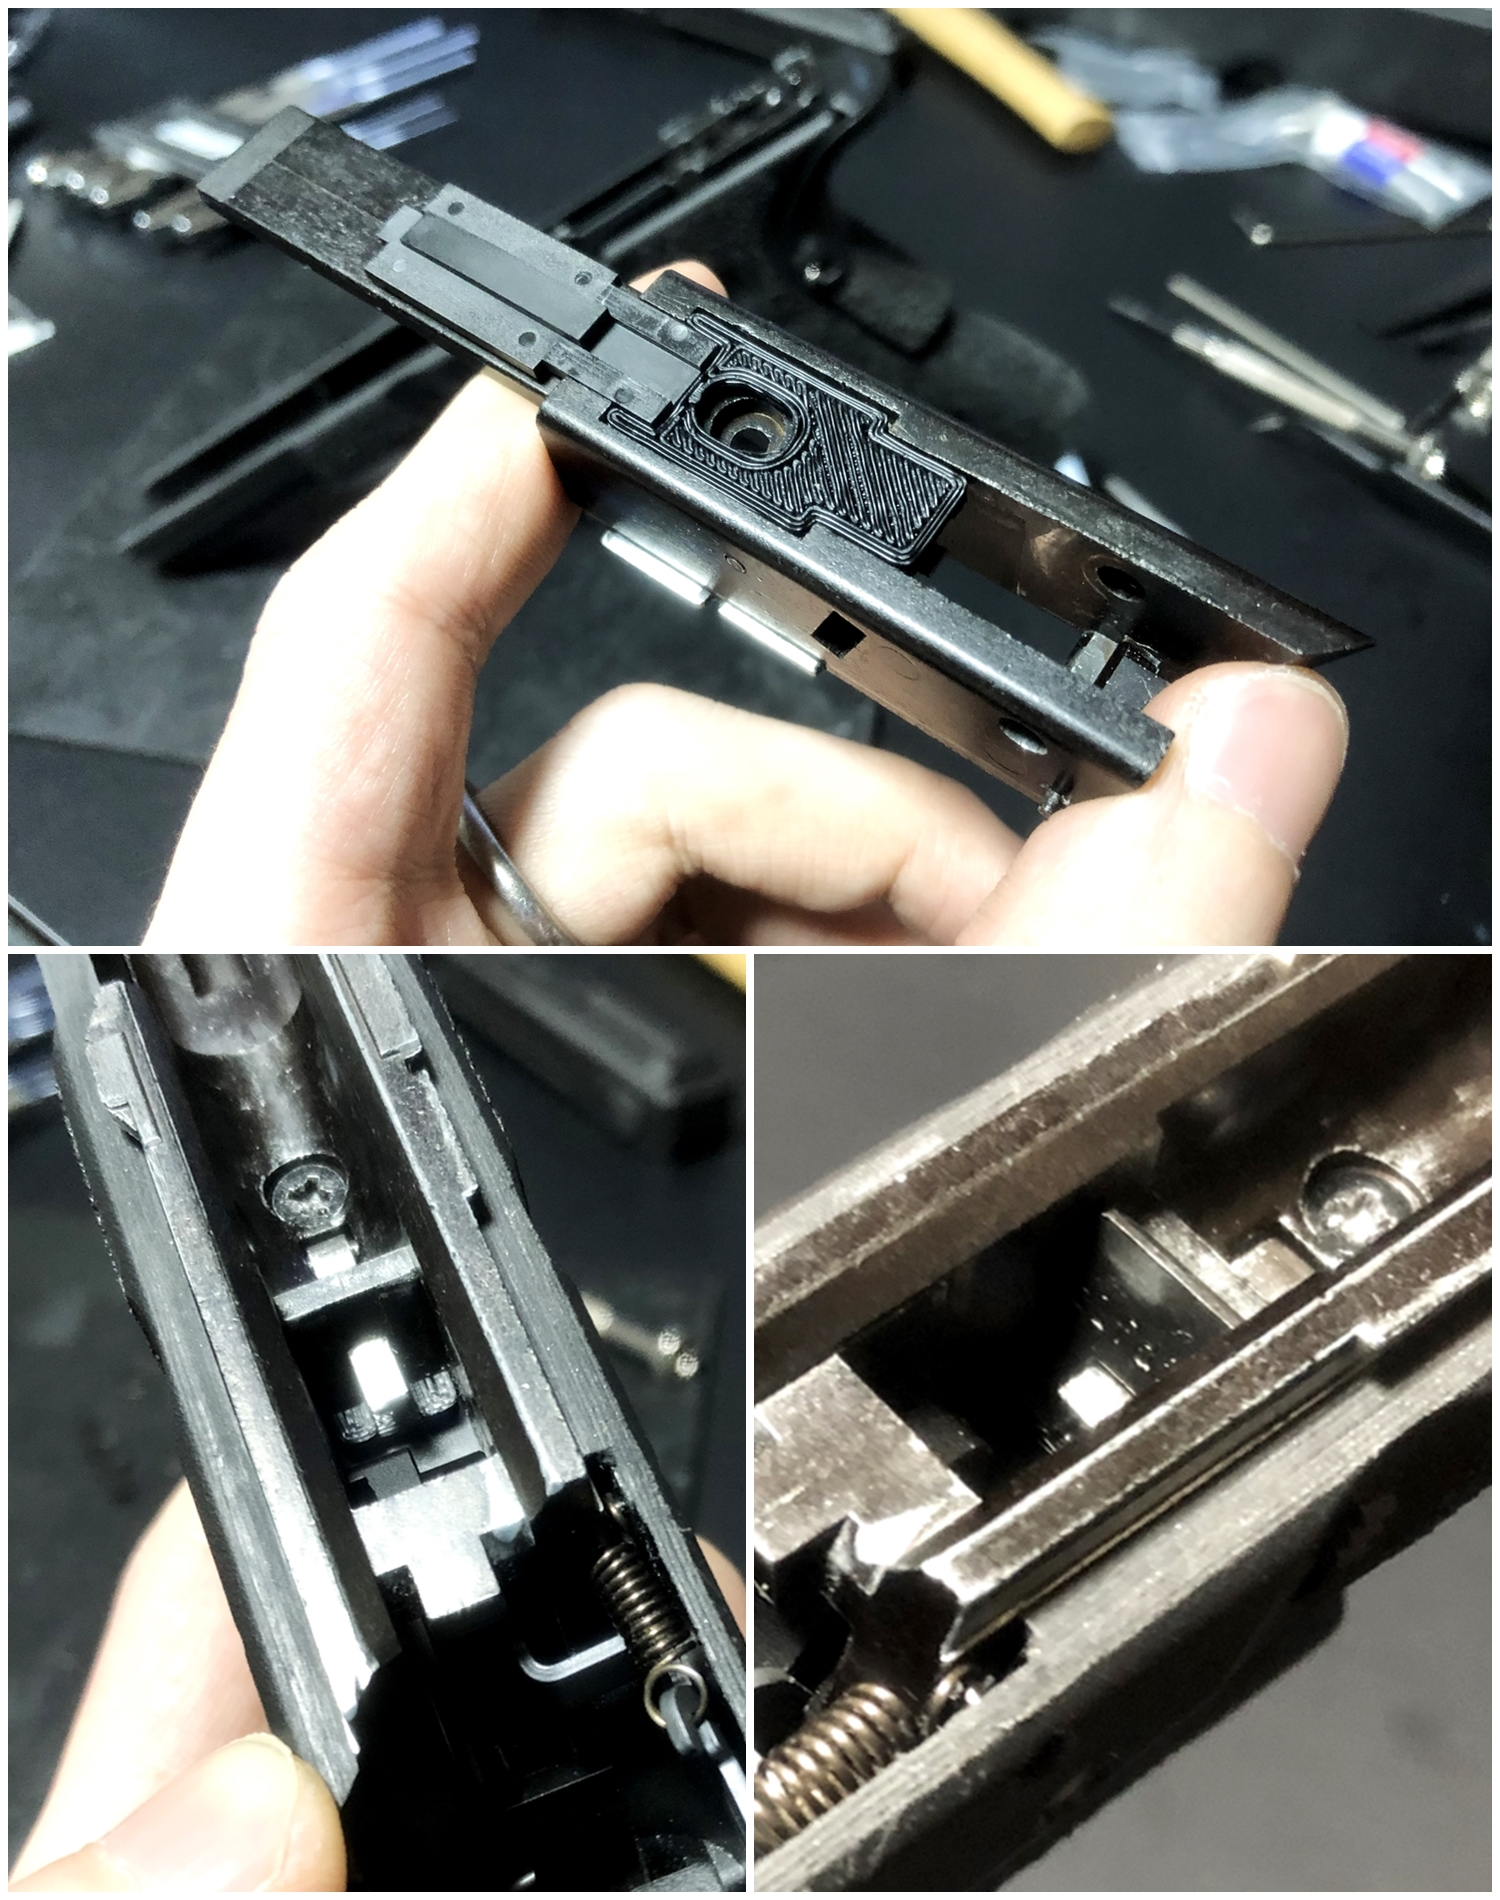 41【前半】 SAI GLOCK カスタムスライド G18C 組込完了!! やっと組み立てたぞ!! Guns Modify Salient Arms GM0251 スライドパーツ 購入 組込 分解 取付 カスタム レビュー!!